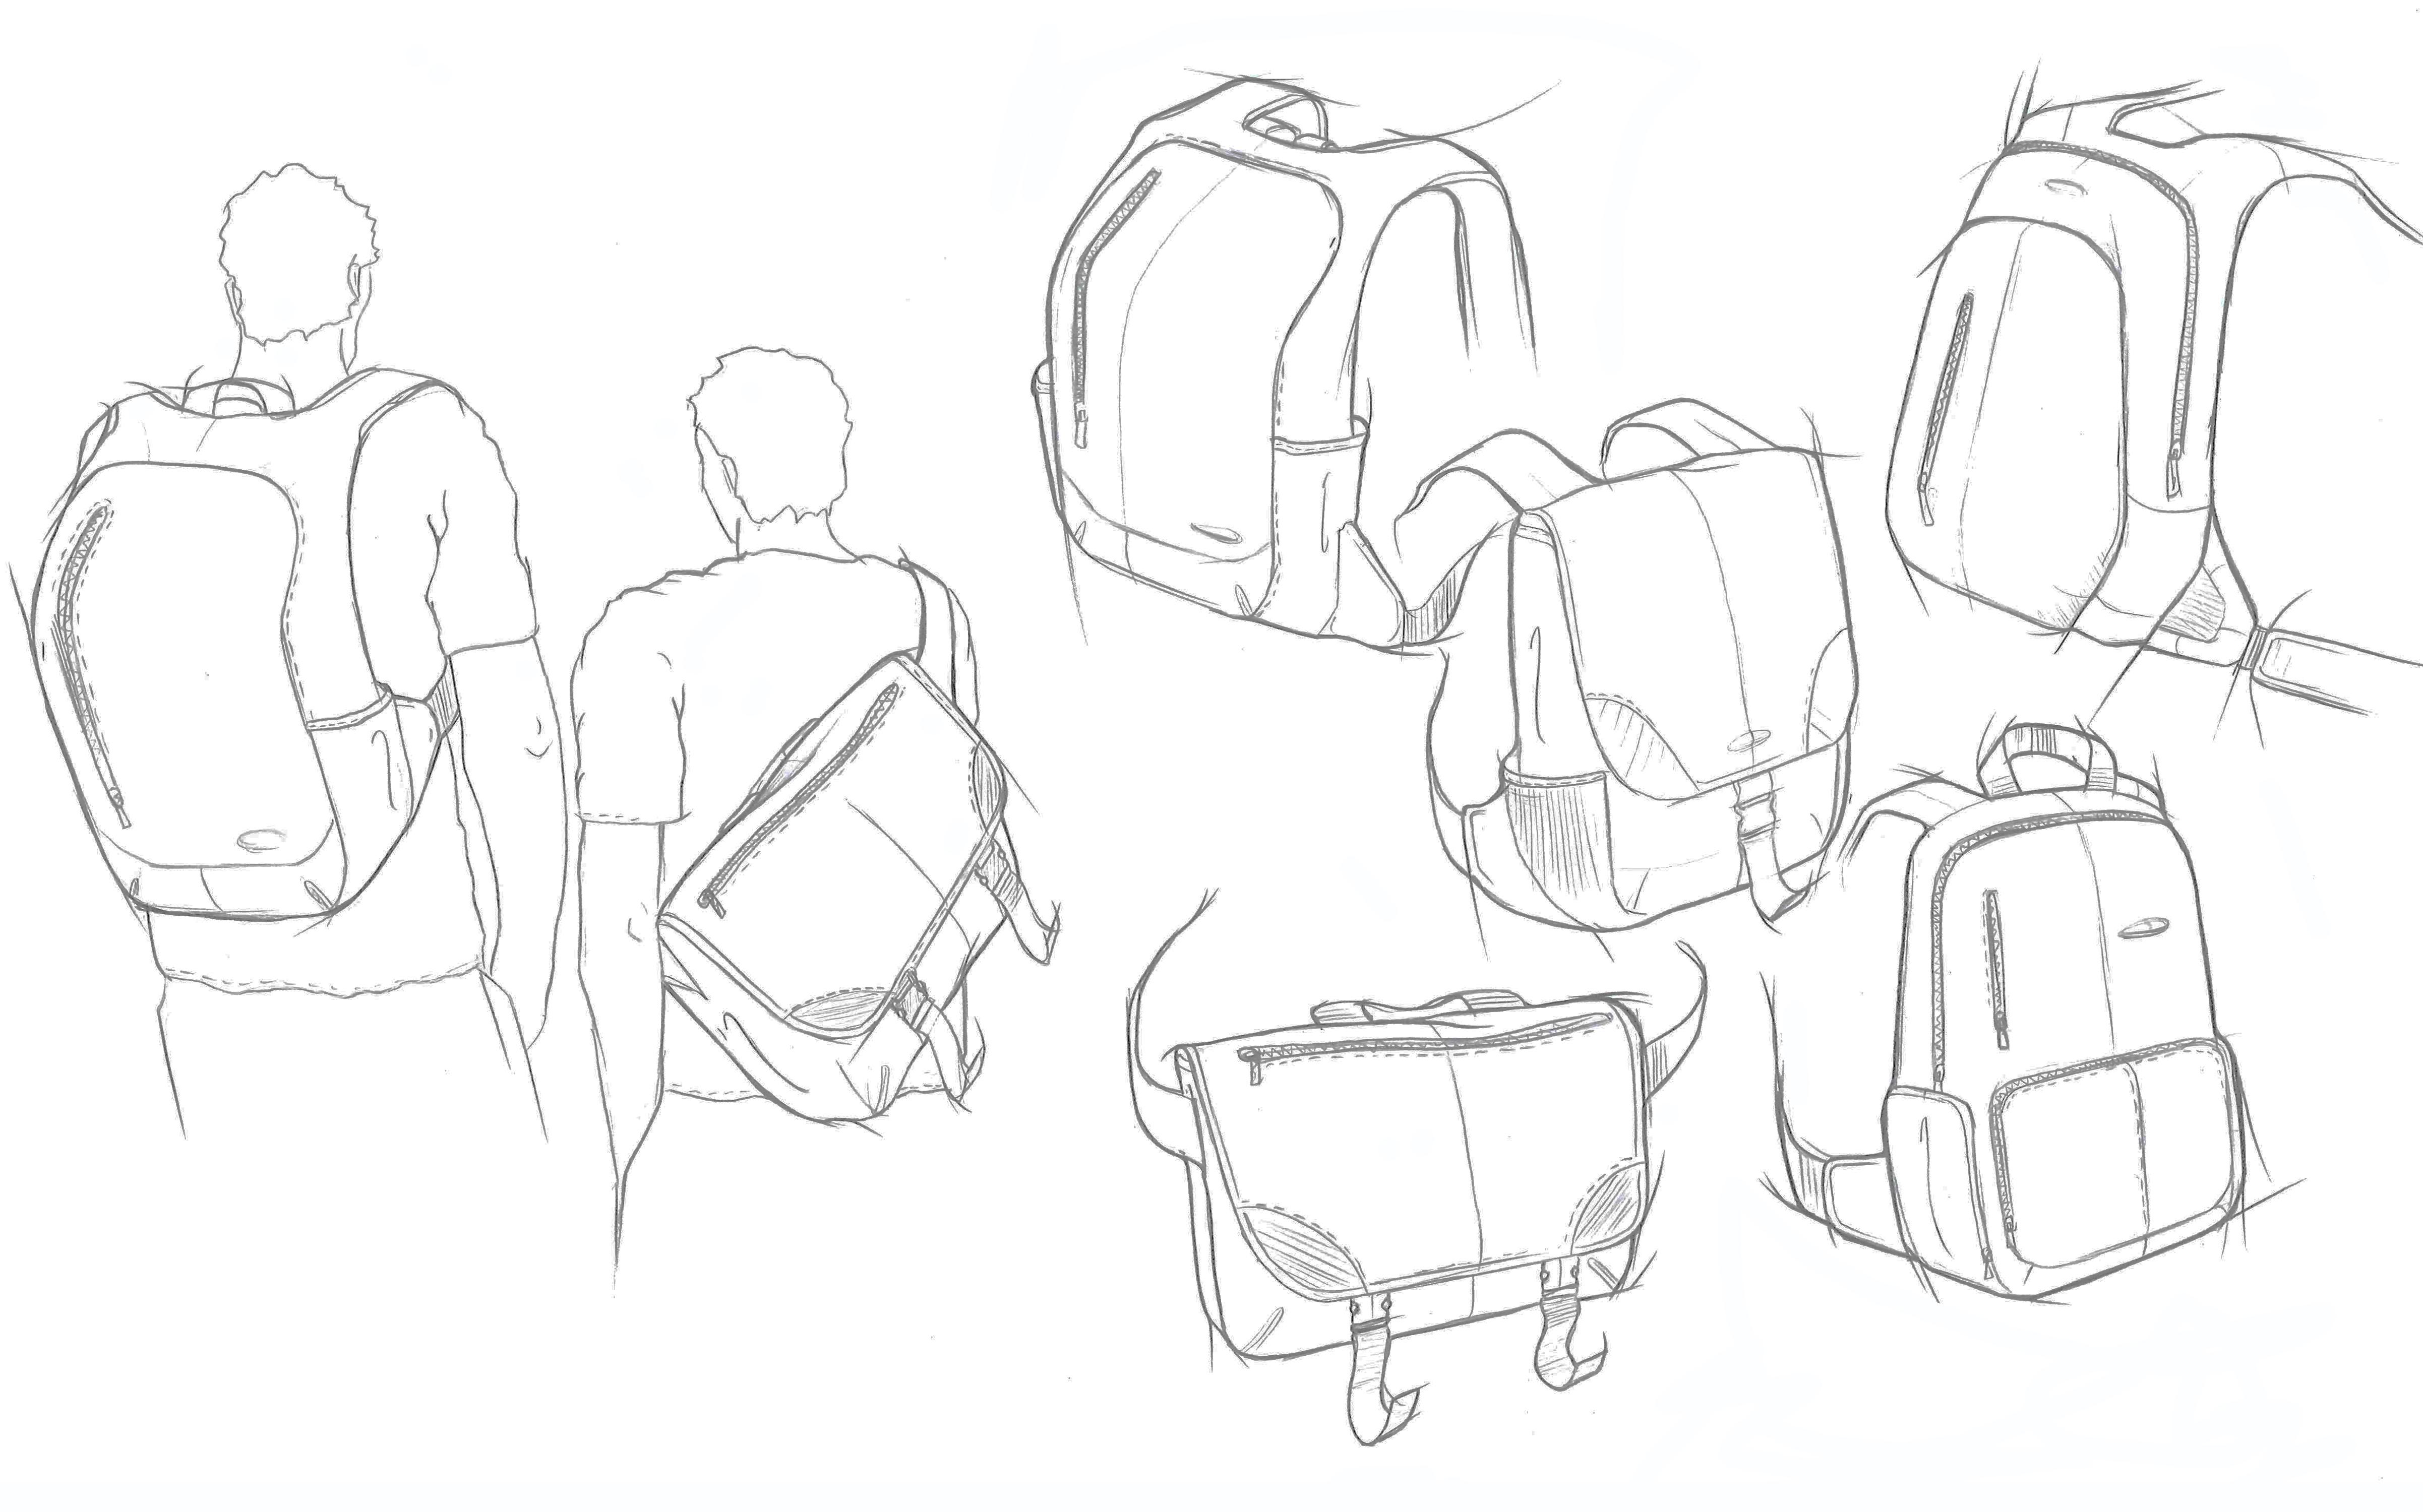 Image result for sketch of backpack